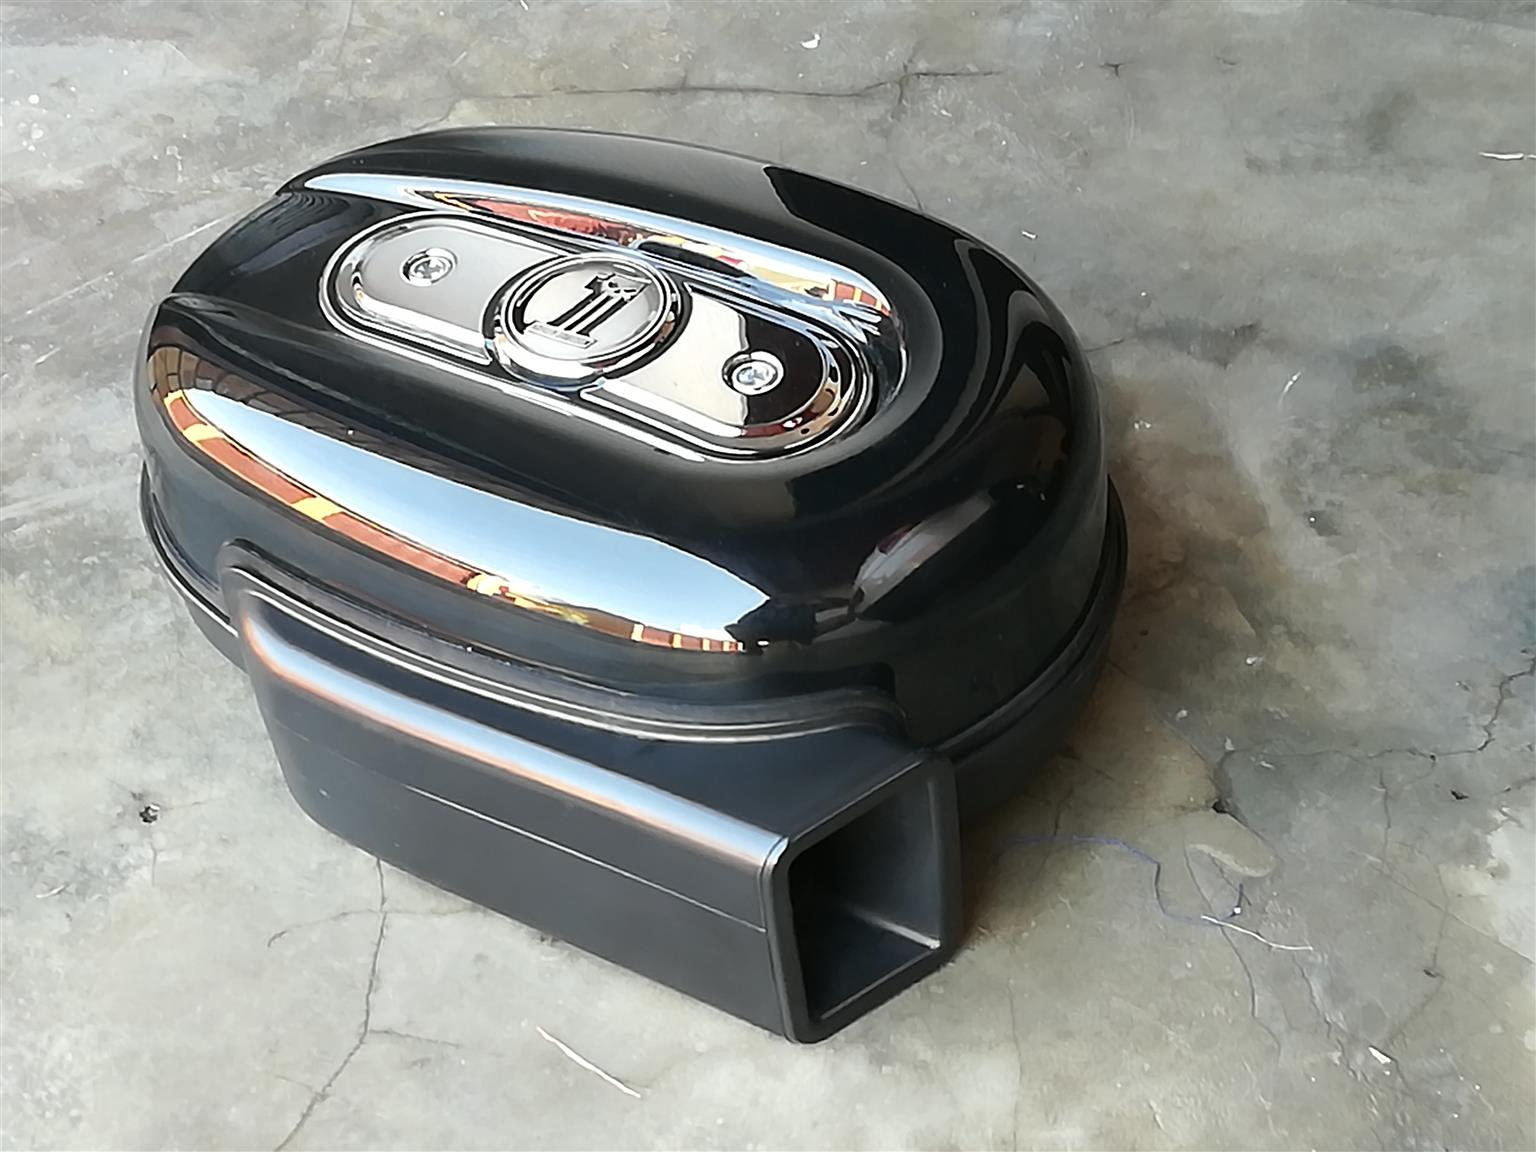 Harley Davidson Sportster Air box